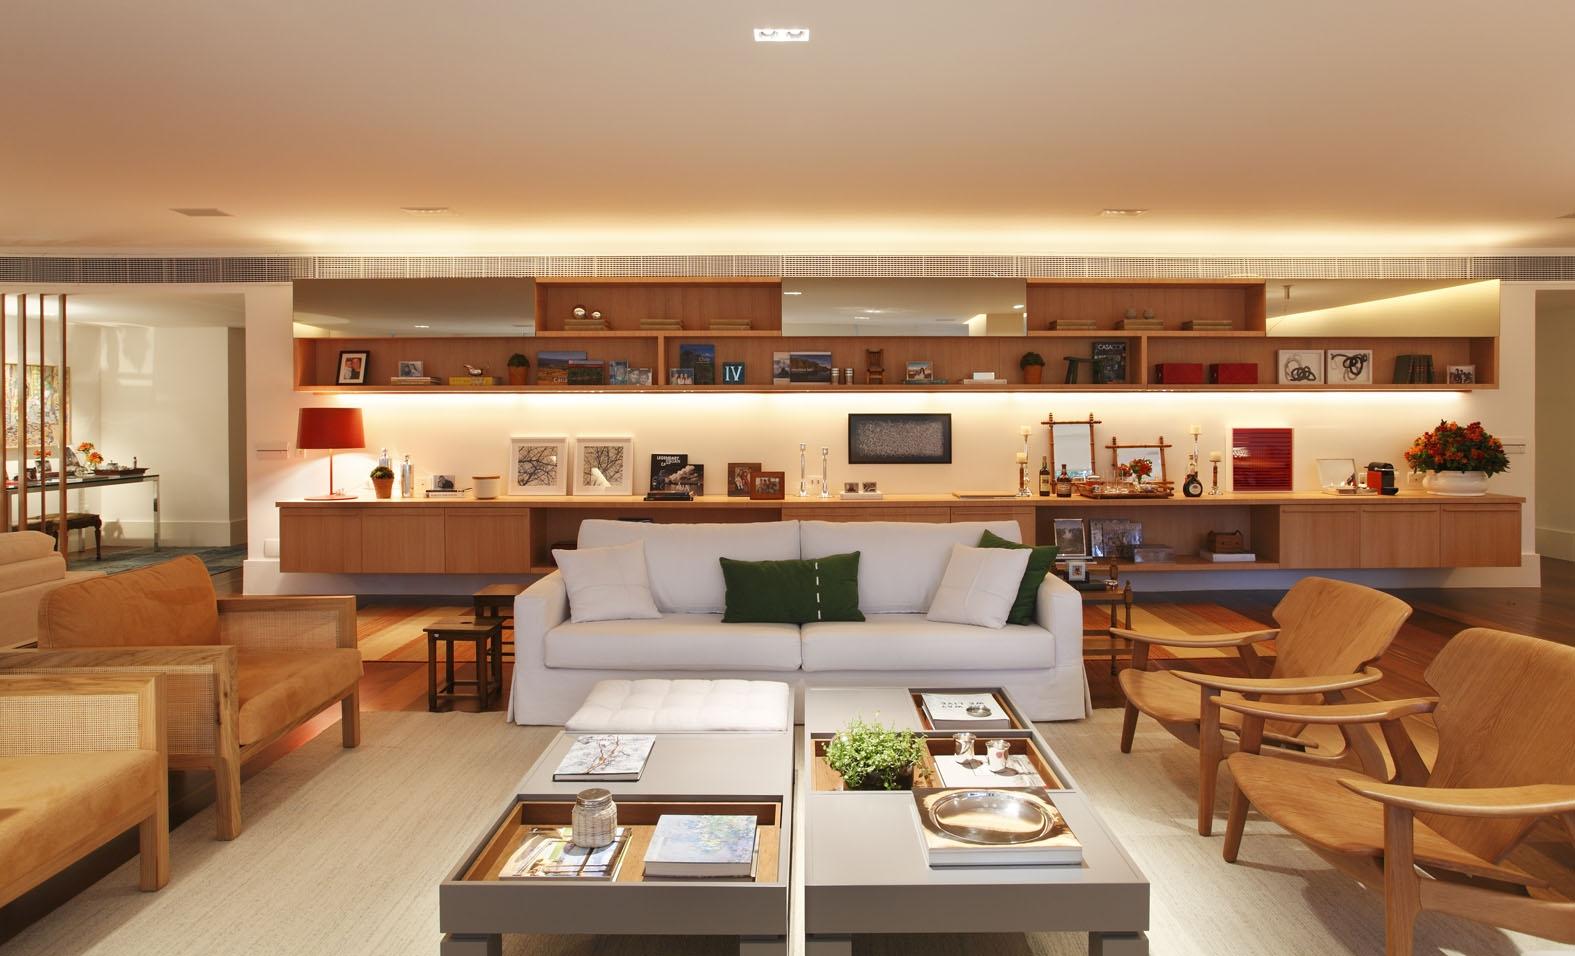 Apartamento elegante e sofisticado assinado por Patricia Carvalho e Adriana Valle